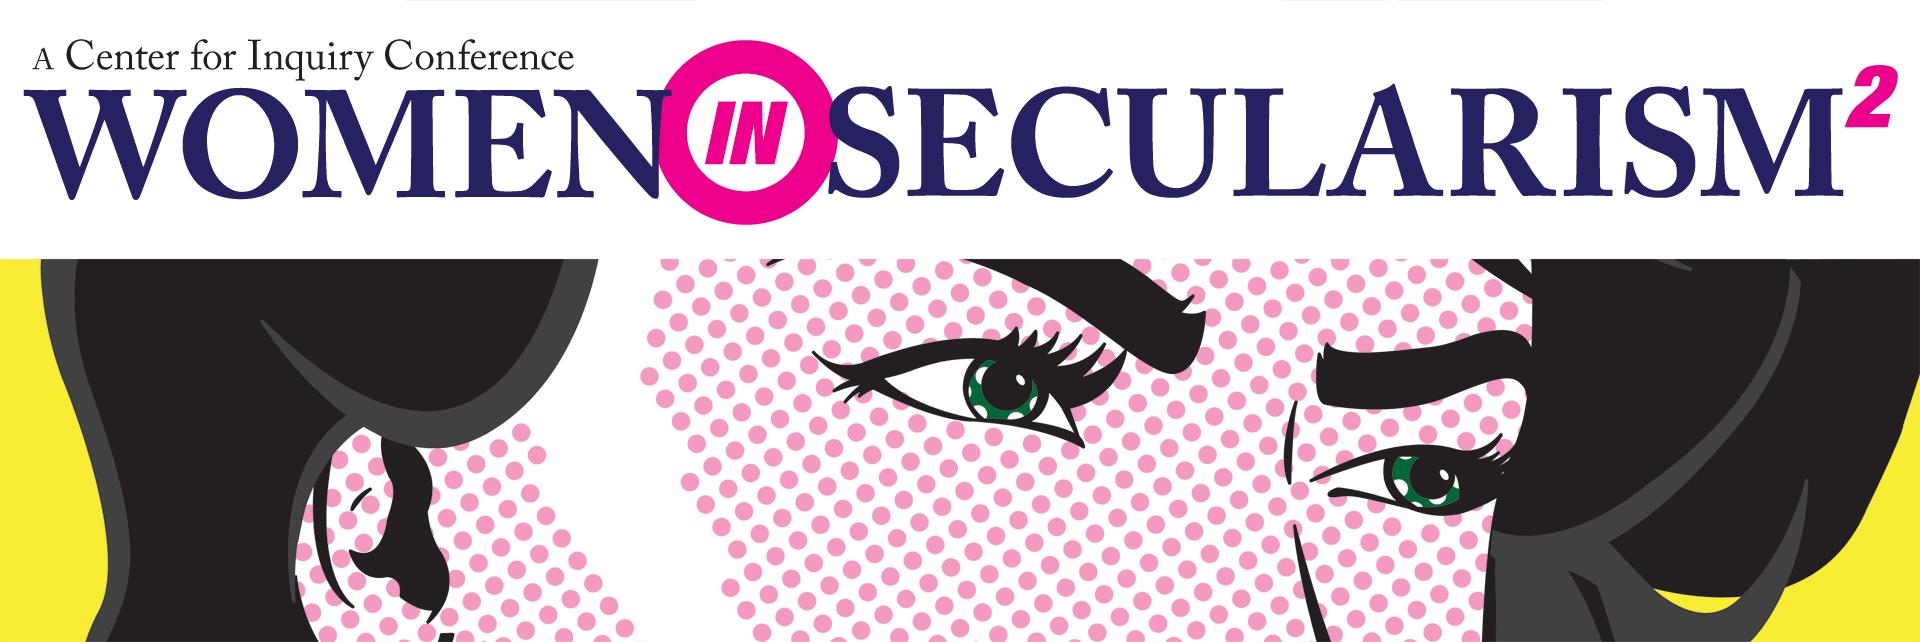 Feminism skepticism properly applied logo buycottarizona